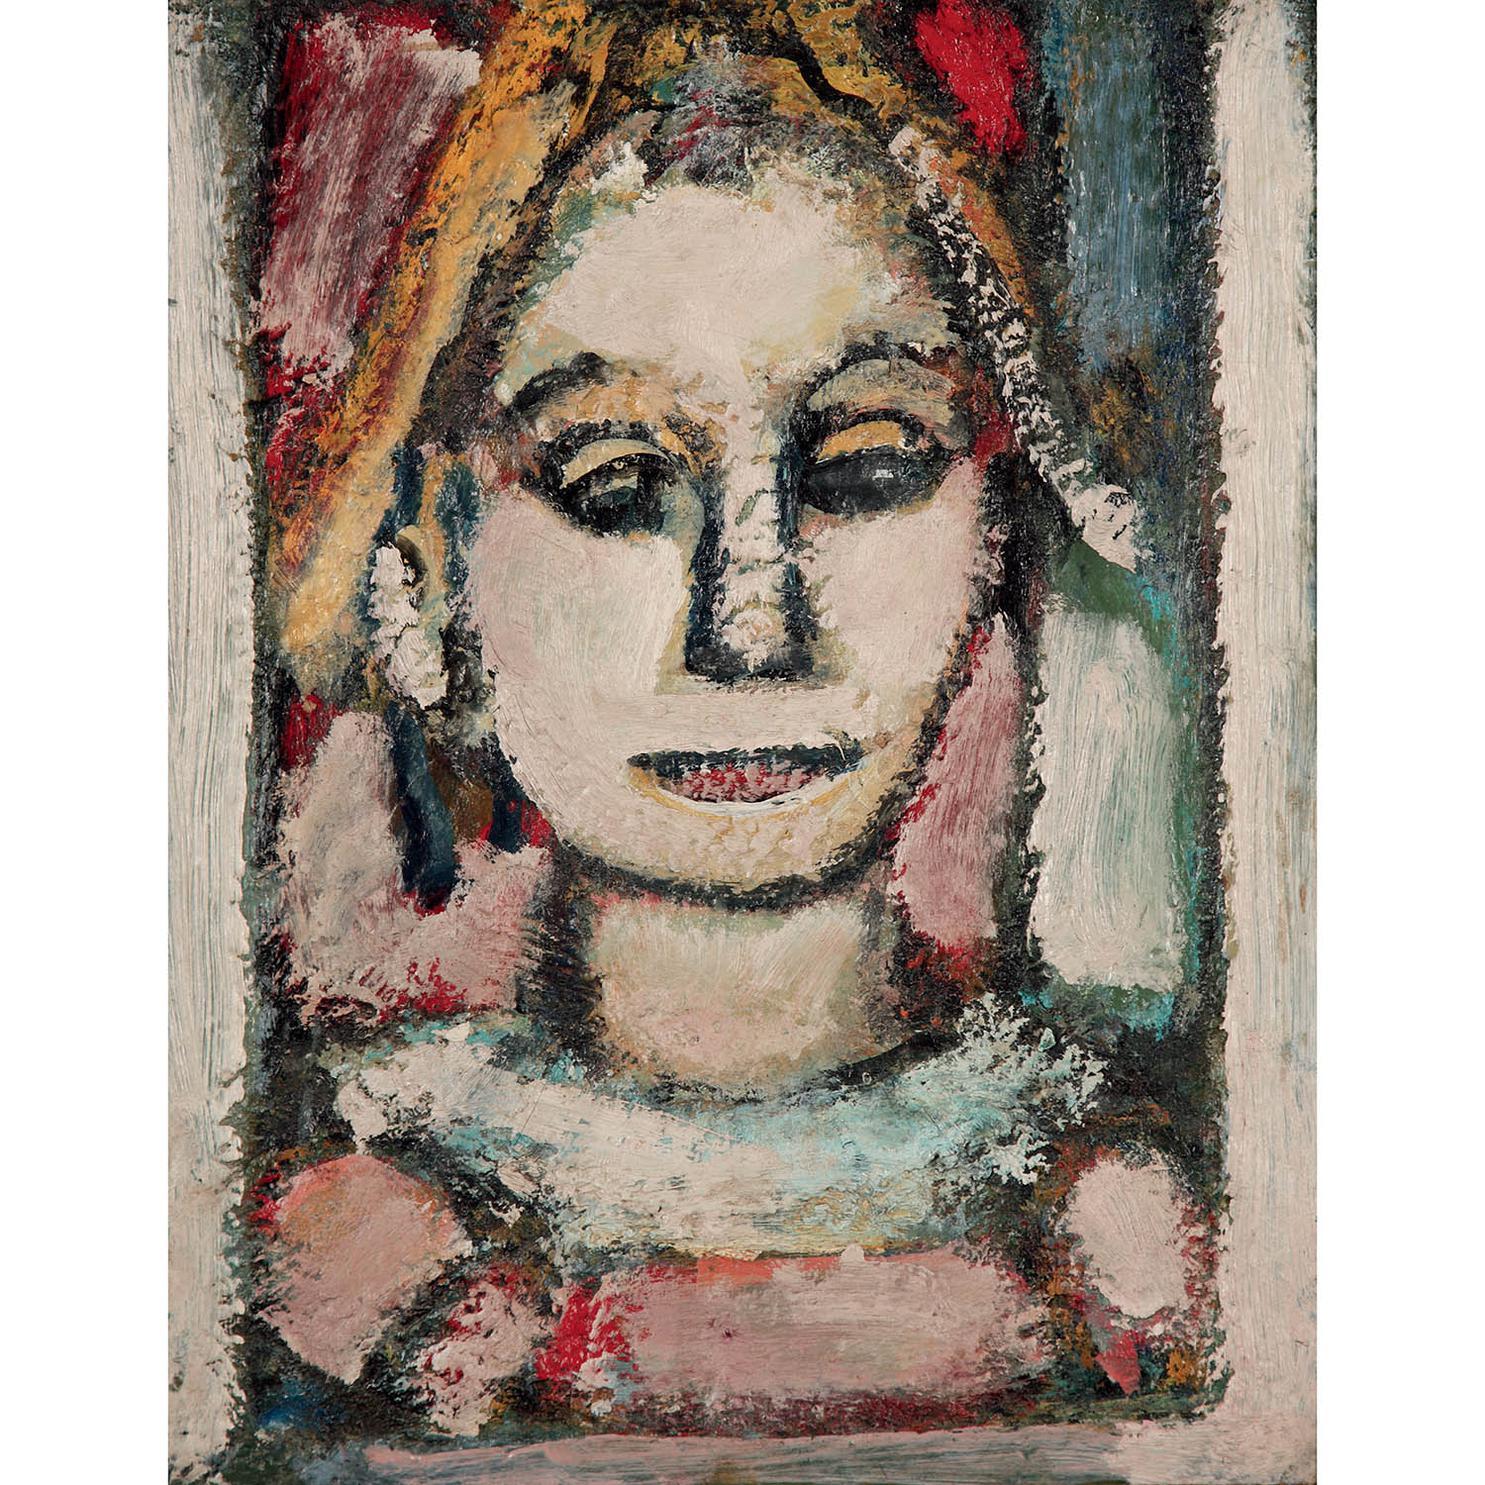 Georges Rouault-Arlequin, Harmonie Rose-1952